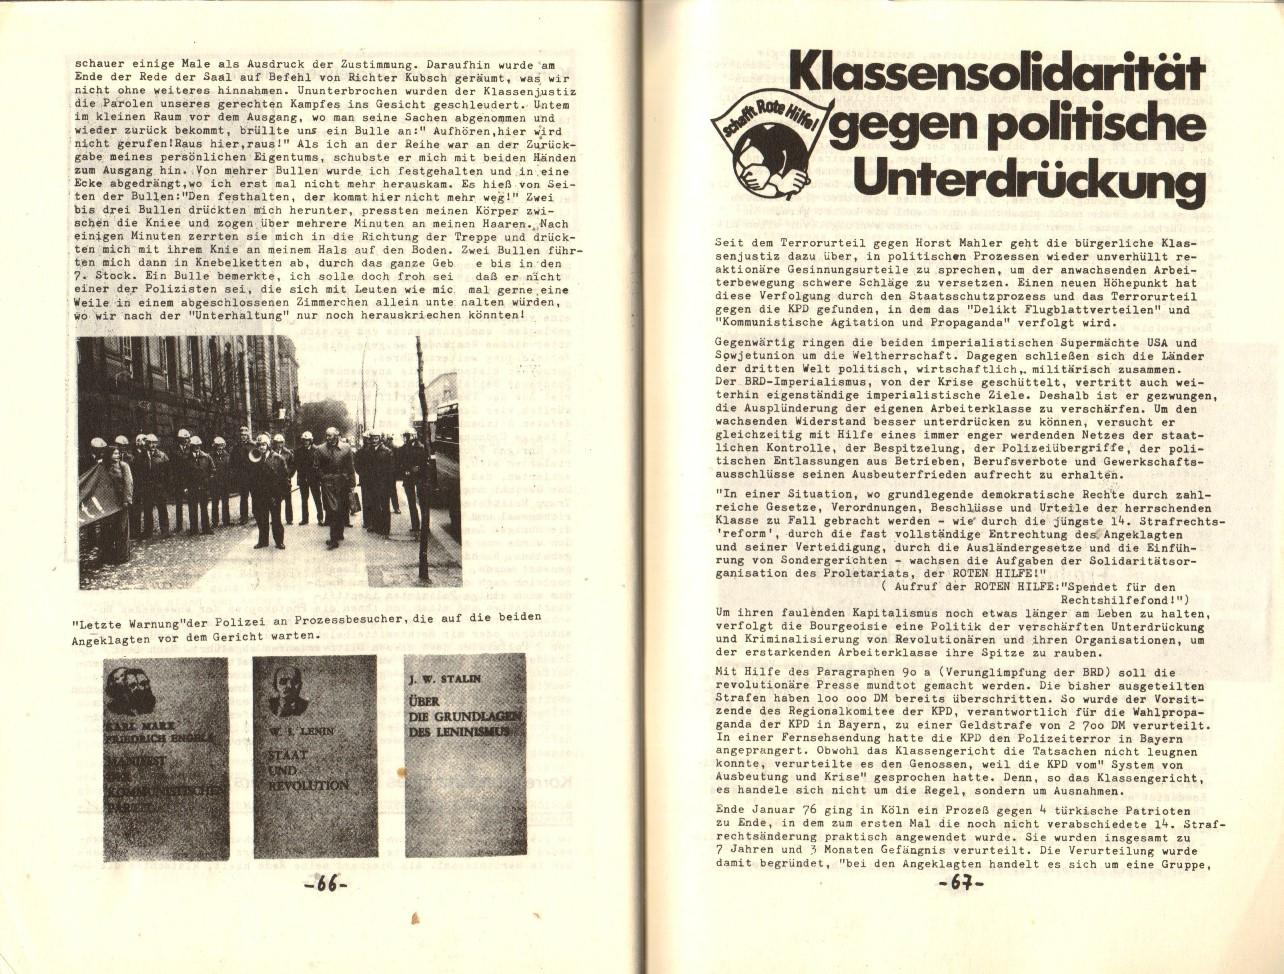 Berlin_KPD_1976_Staatsschutzprozess02_35